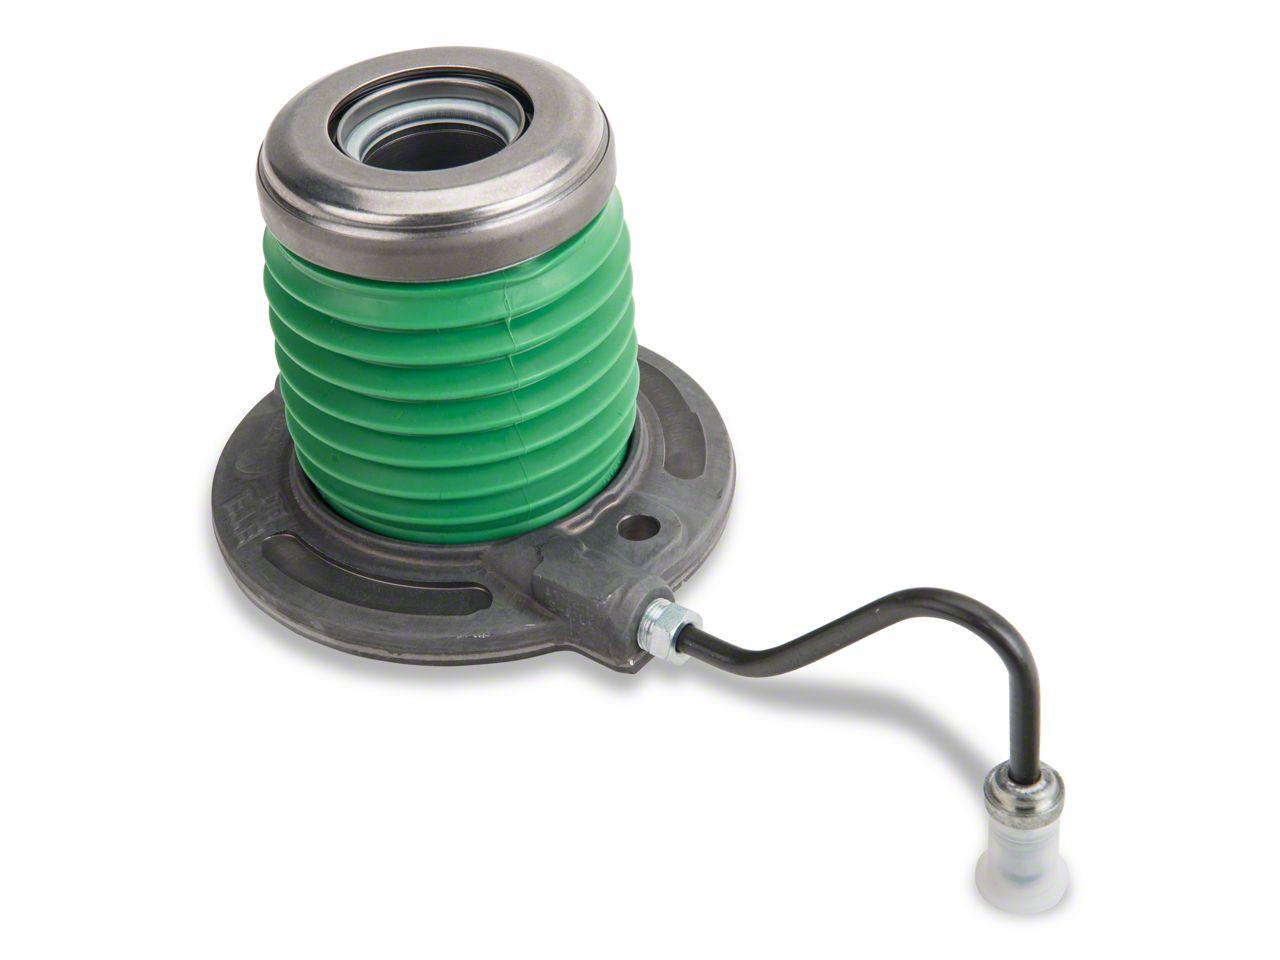 Exedy Hydraulic Throwout Bearing/Slave Cylinder (11-19 GT, V6)